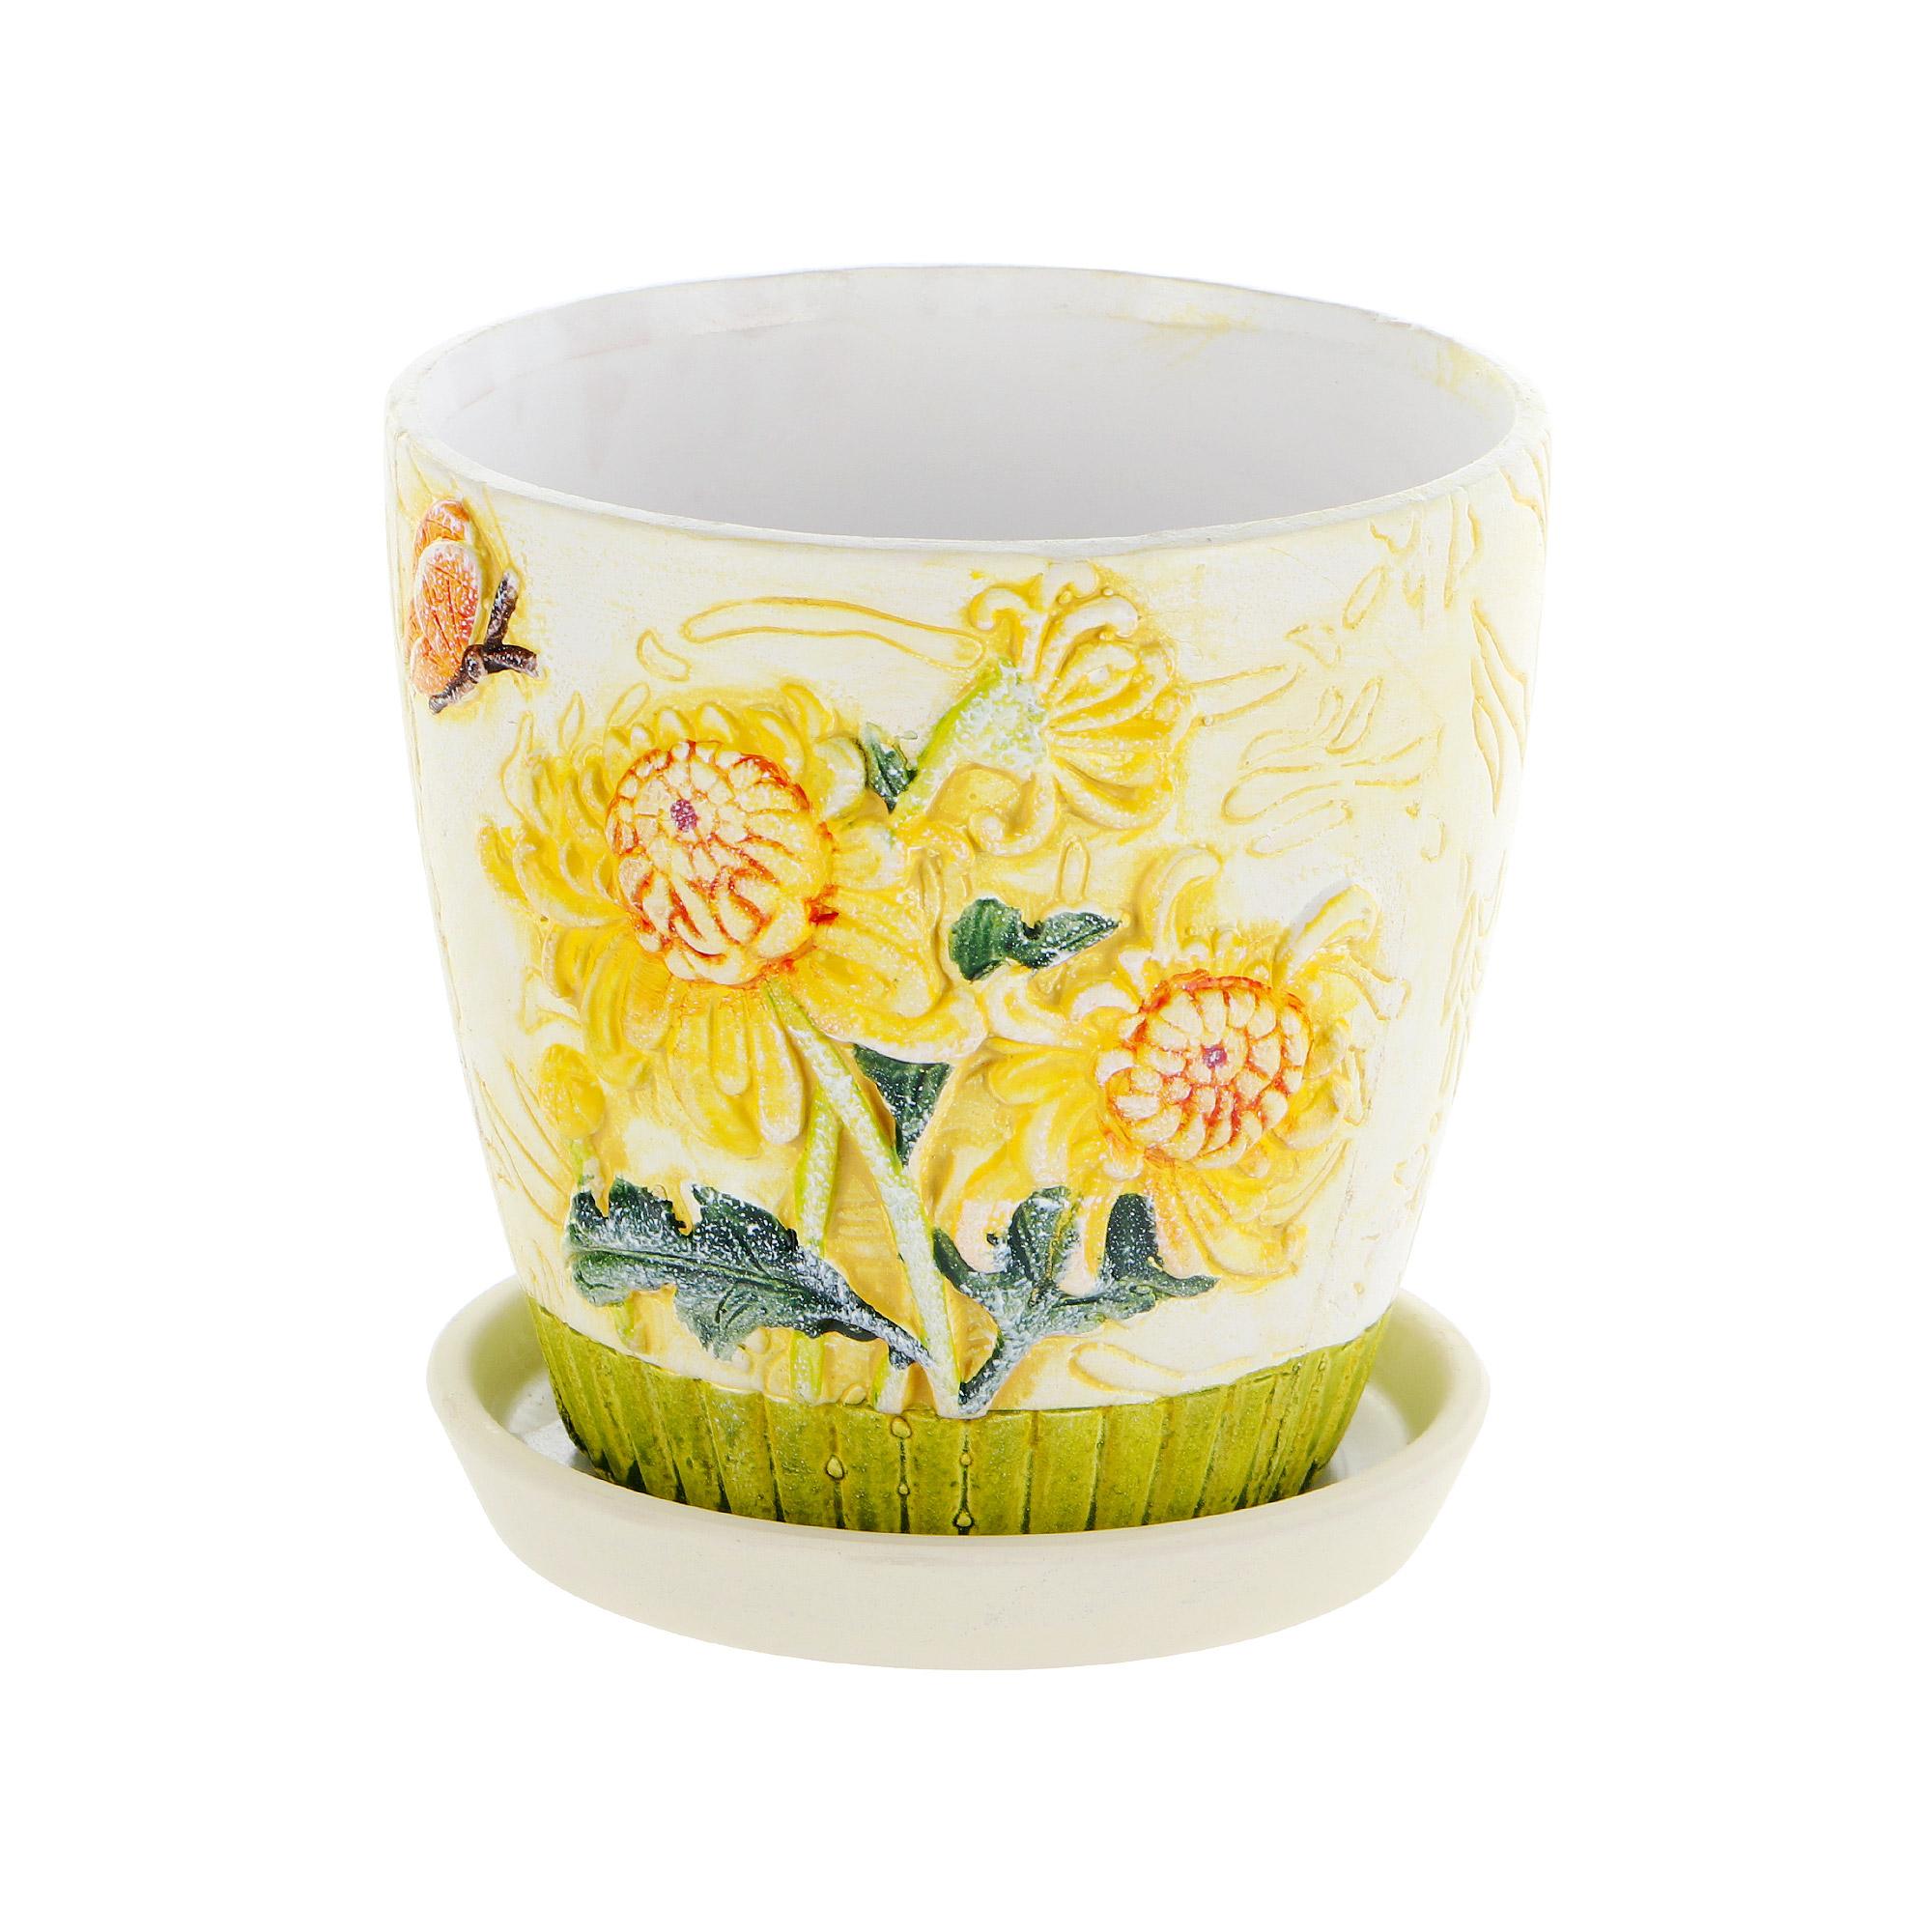 Горшок цветочный с поддоном Dehua ceramic yellow flower 18x18x16см